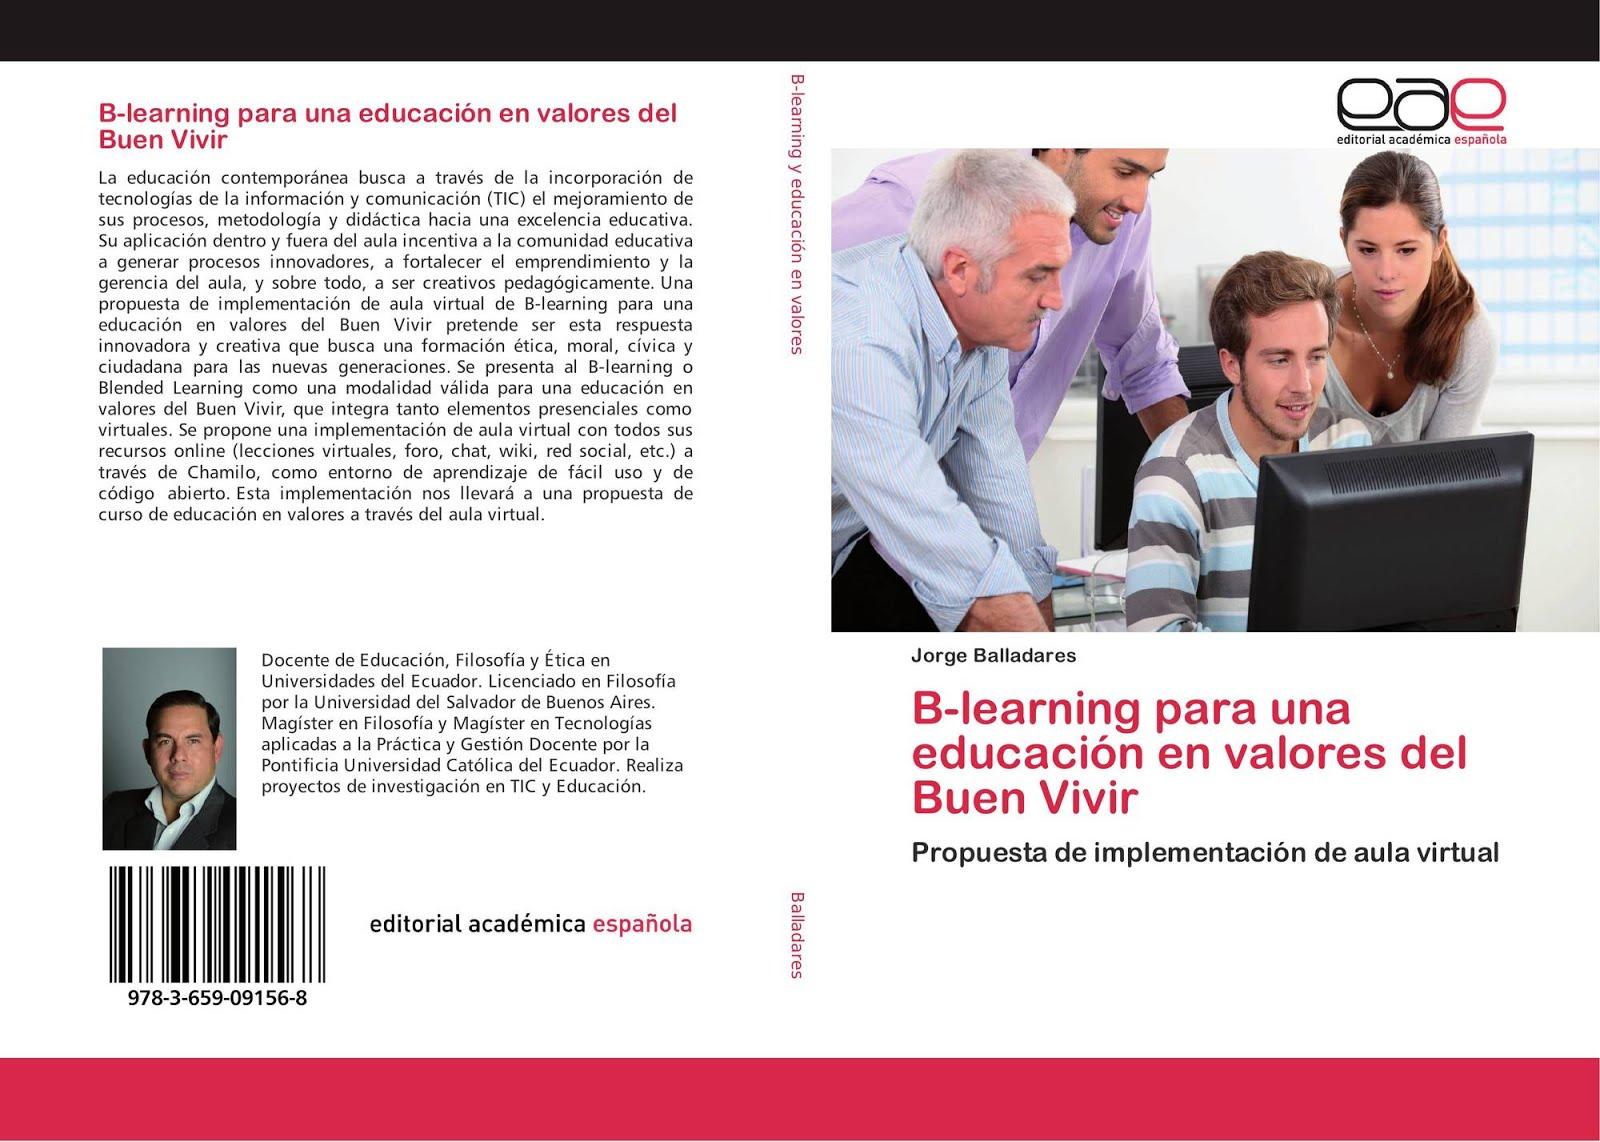 B-learning y una educación en valores del Buen Vivir